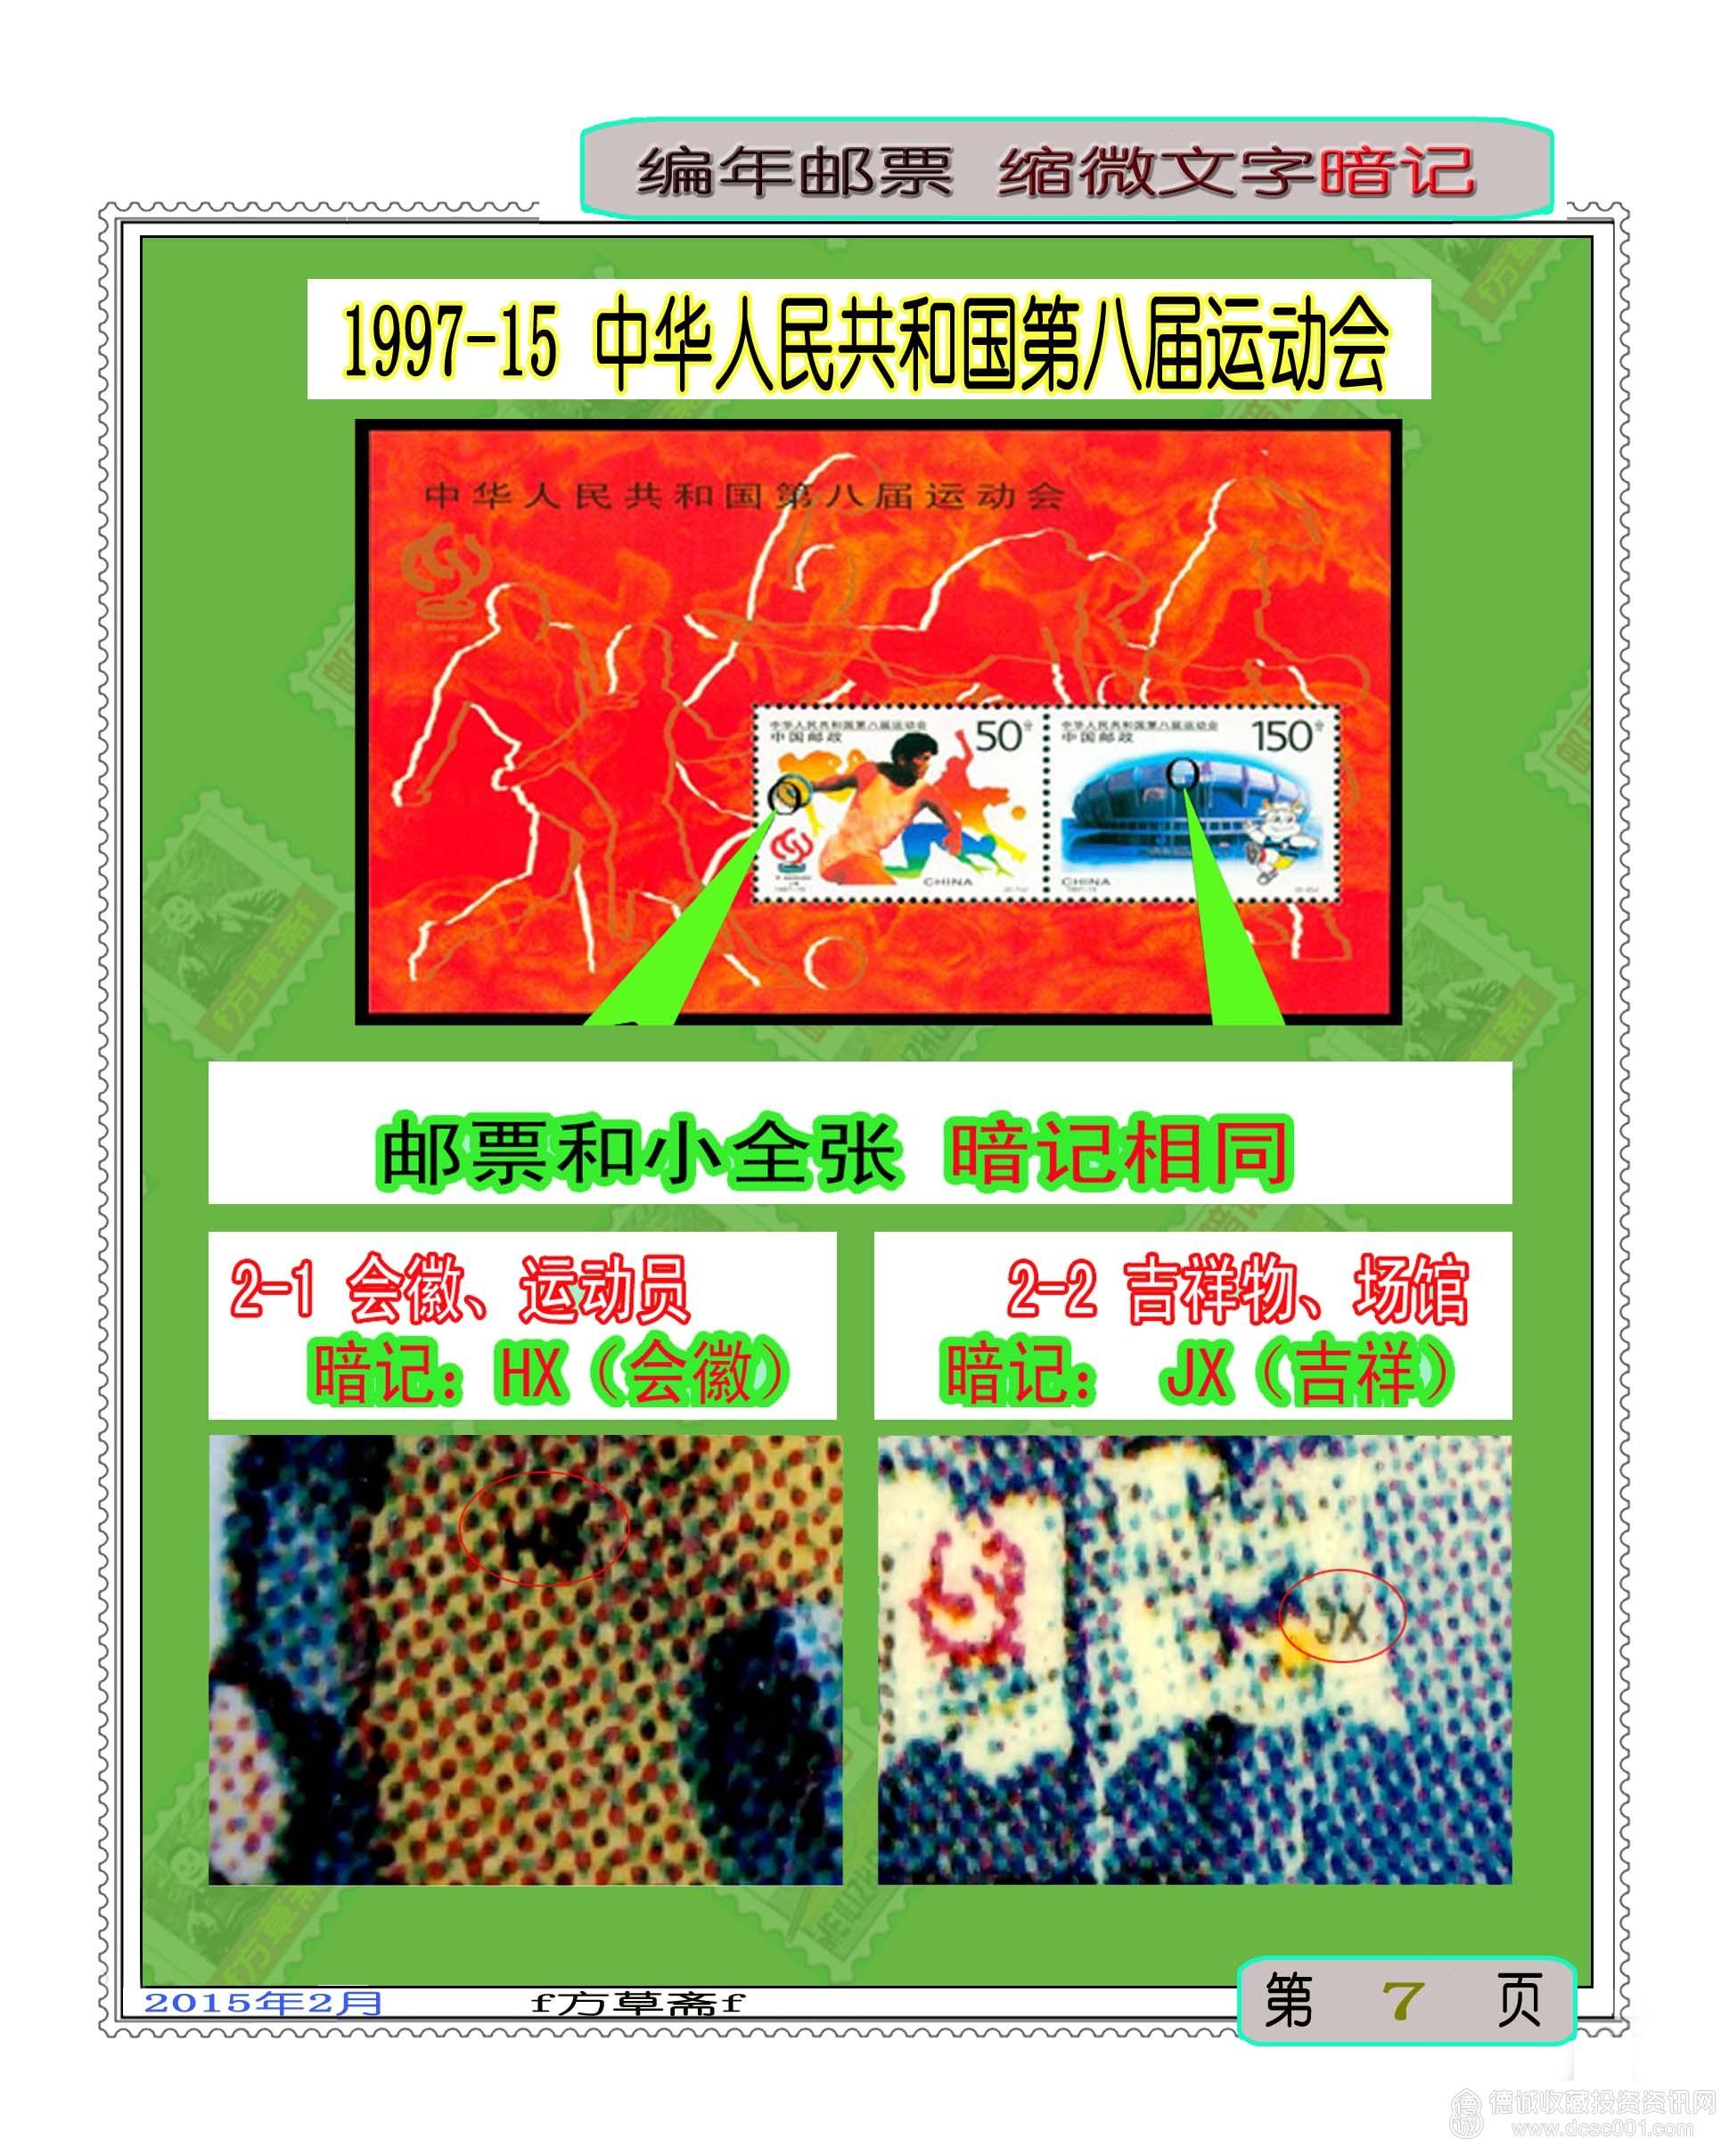 1997-15 中华人民共和国第八届运动会(J).jpg